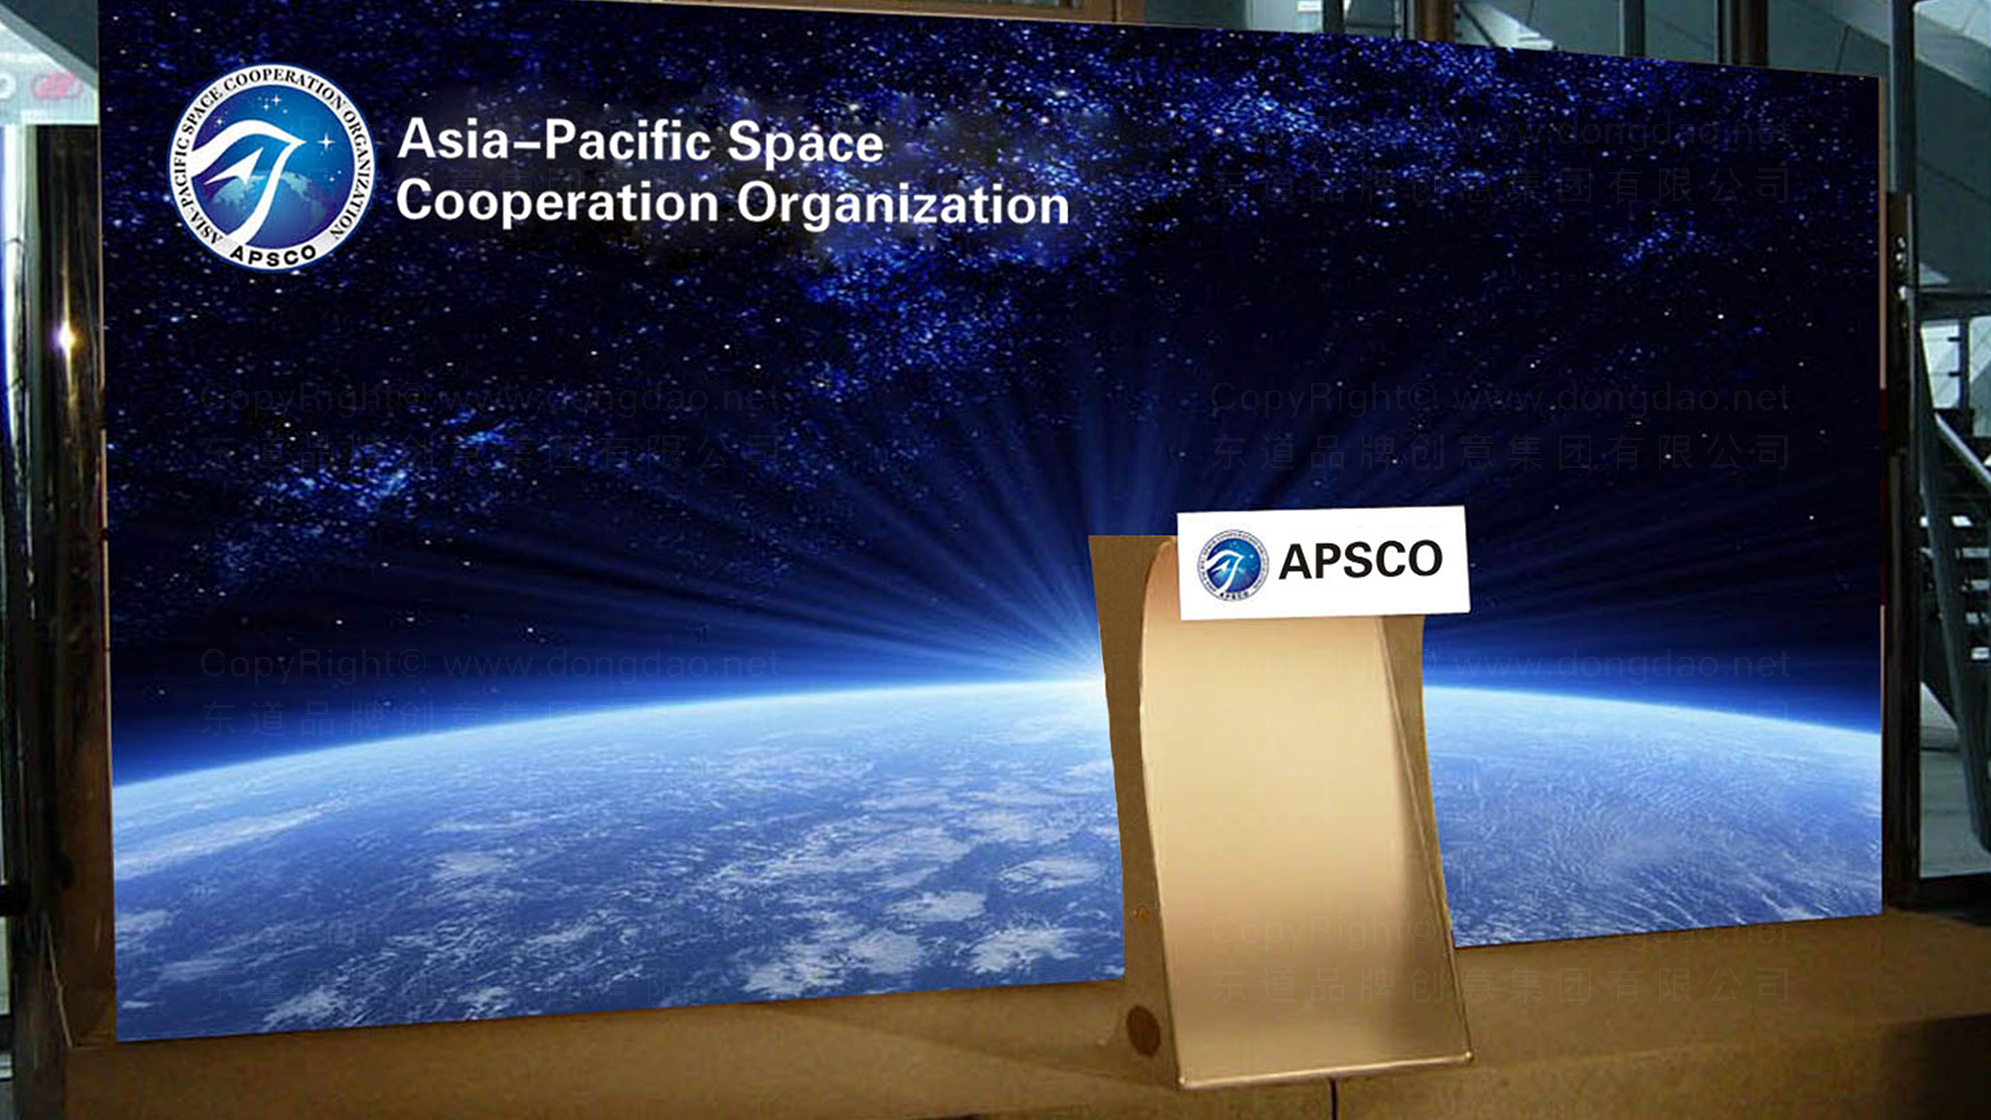 品牌设计亚太空间合作组织LOGO&VI设计应用场景_6